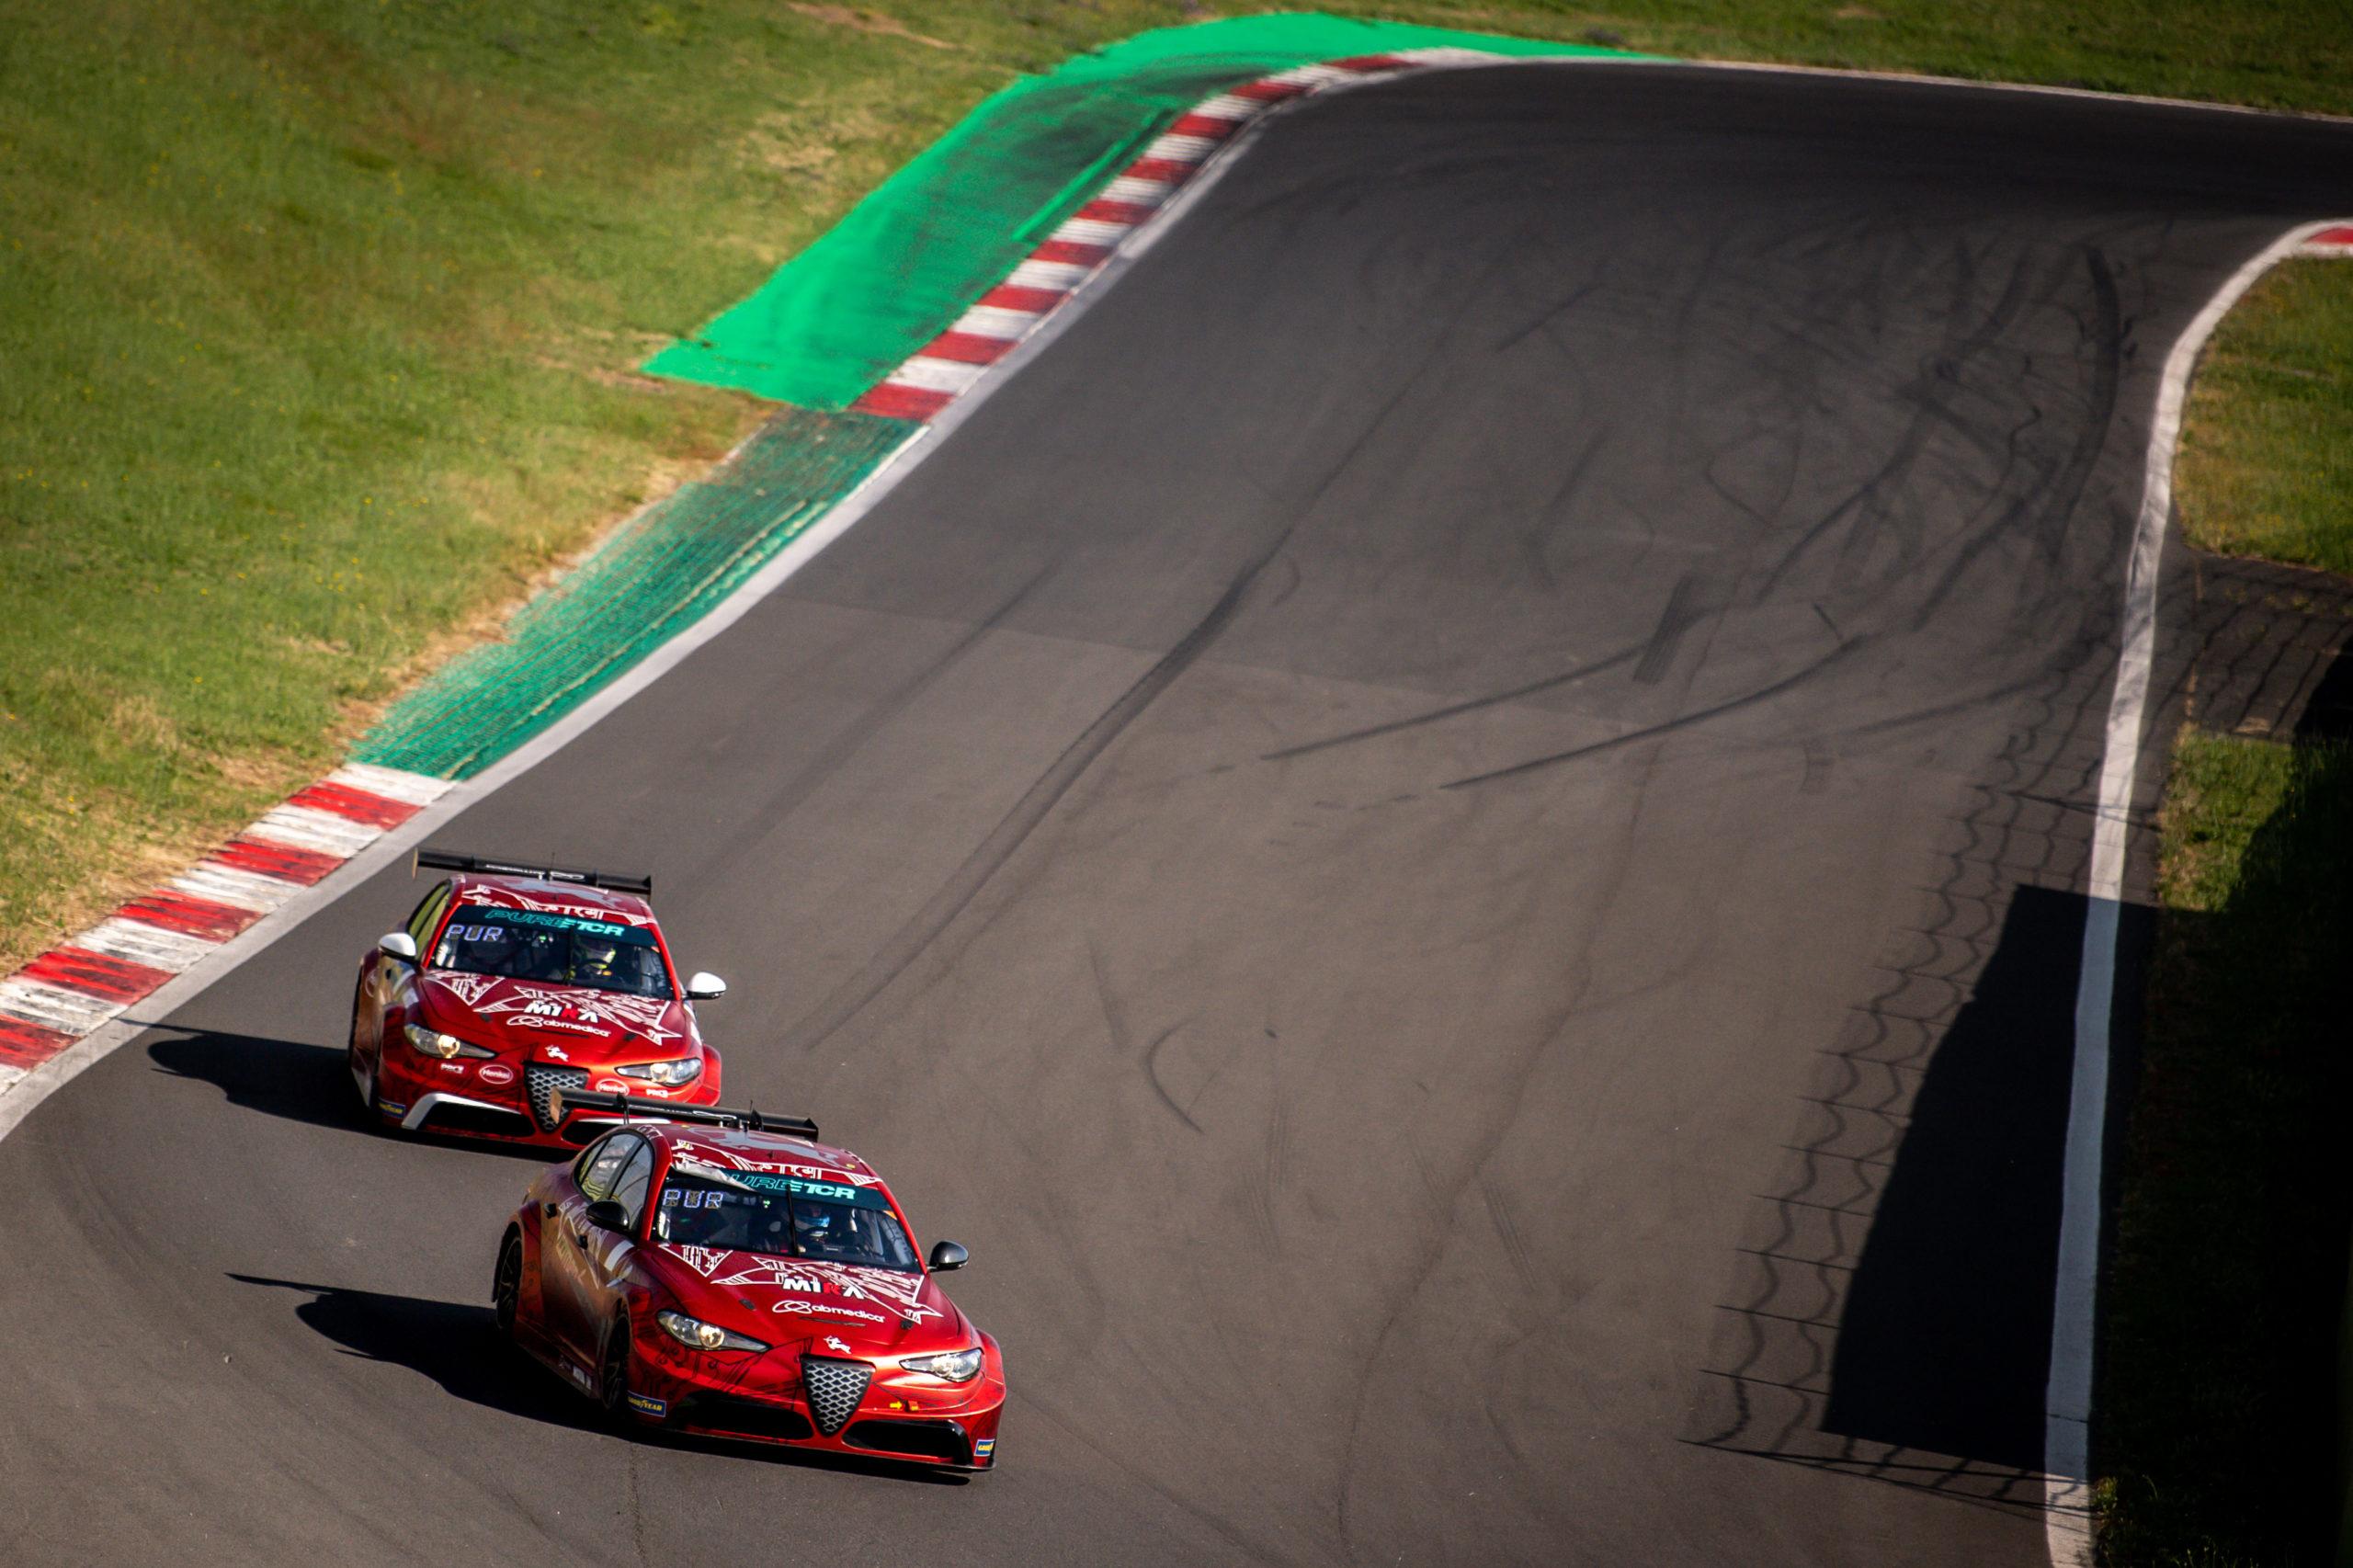 Los Romeos Ferraris ensayando en la pista de Vallelunga durante los libres de hoy